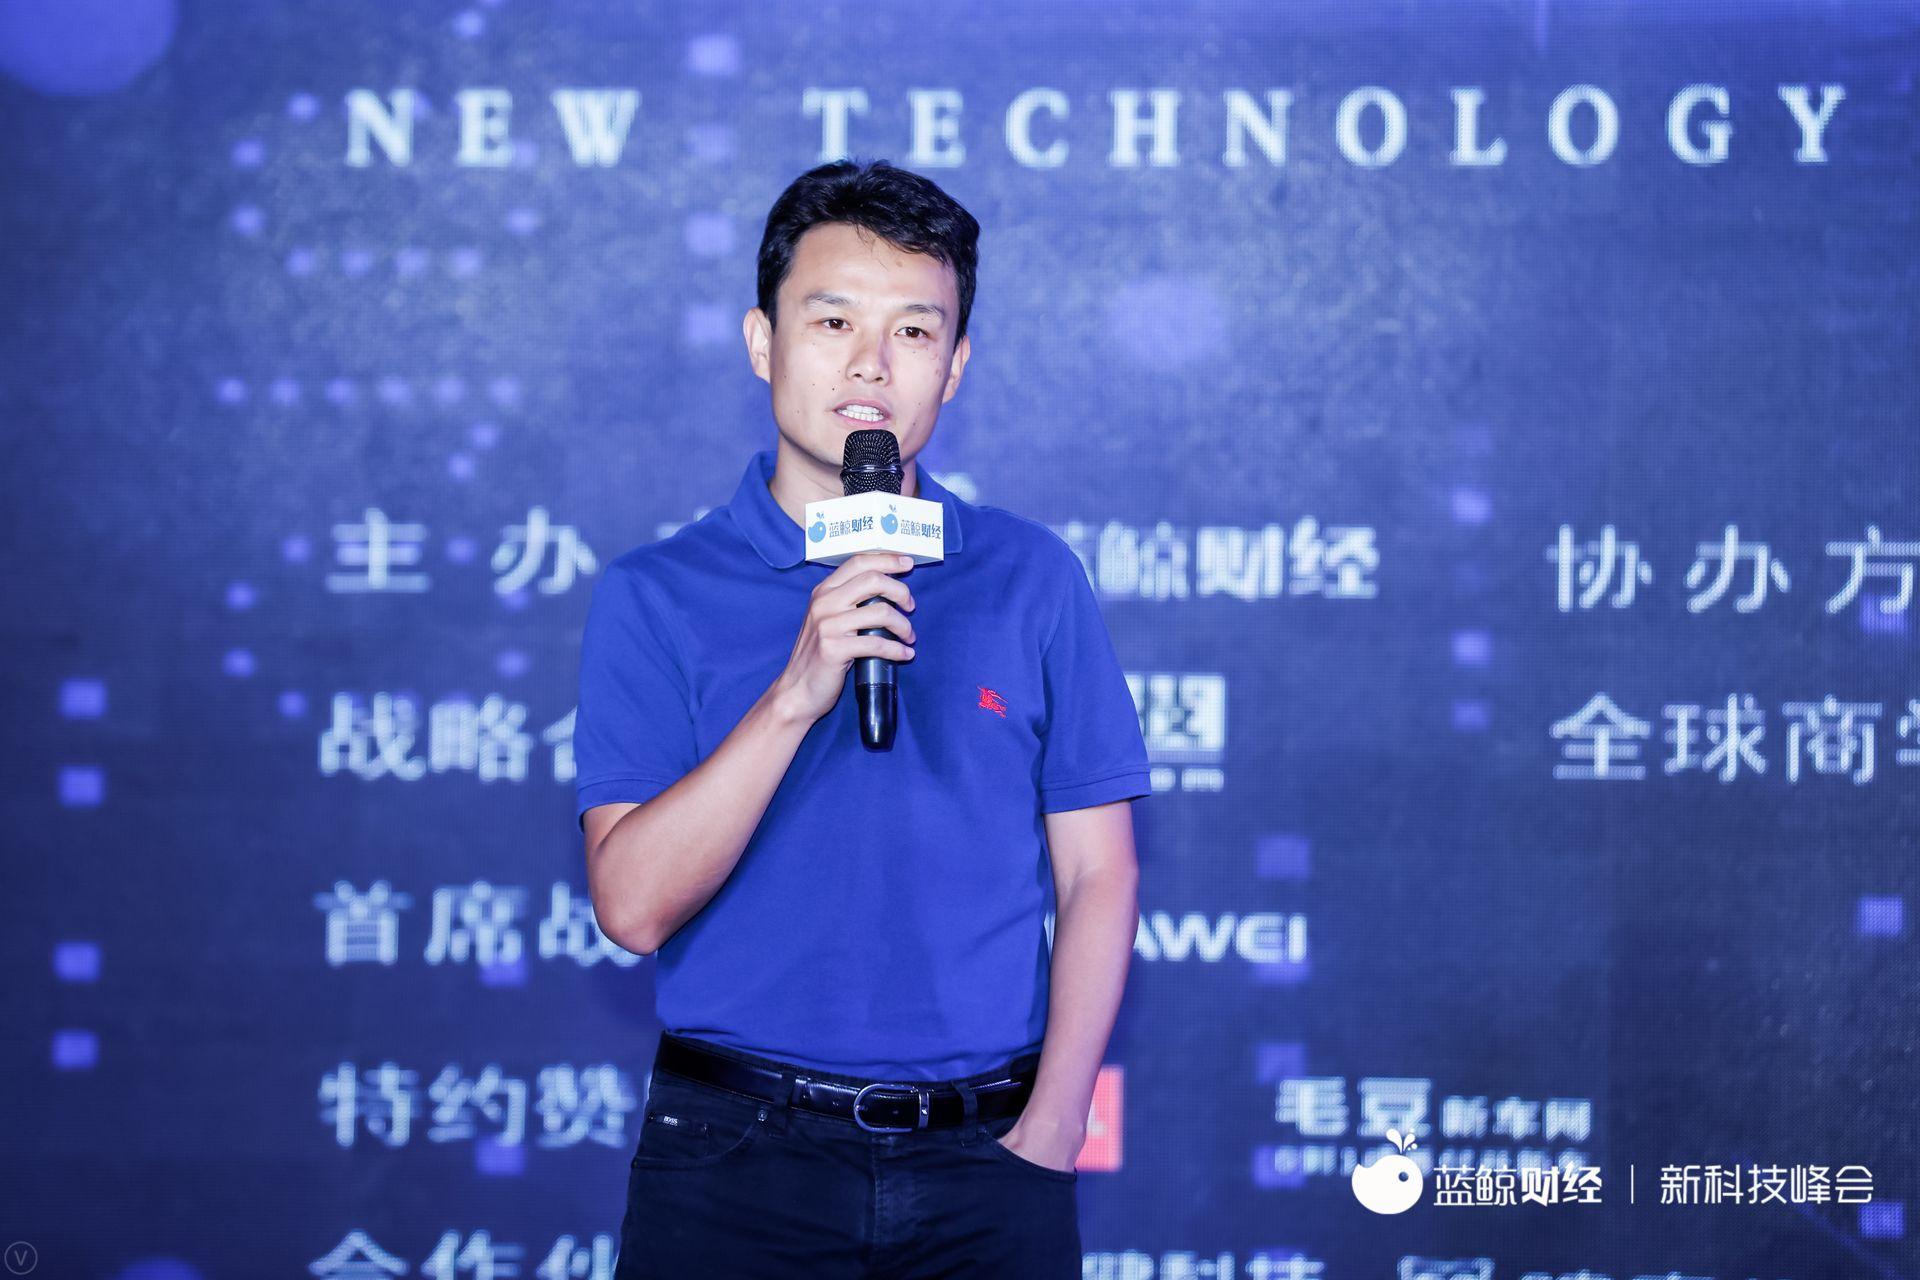 蓝鲸财经总裁李武:未来我们将继续致力于提供更专业的服务